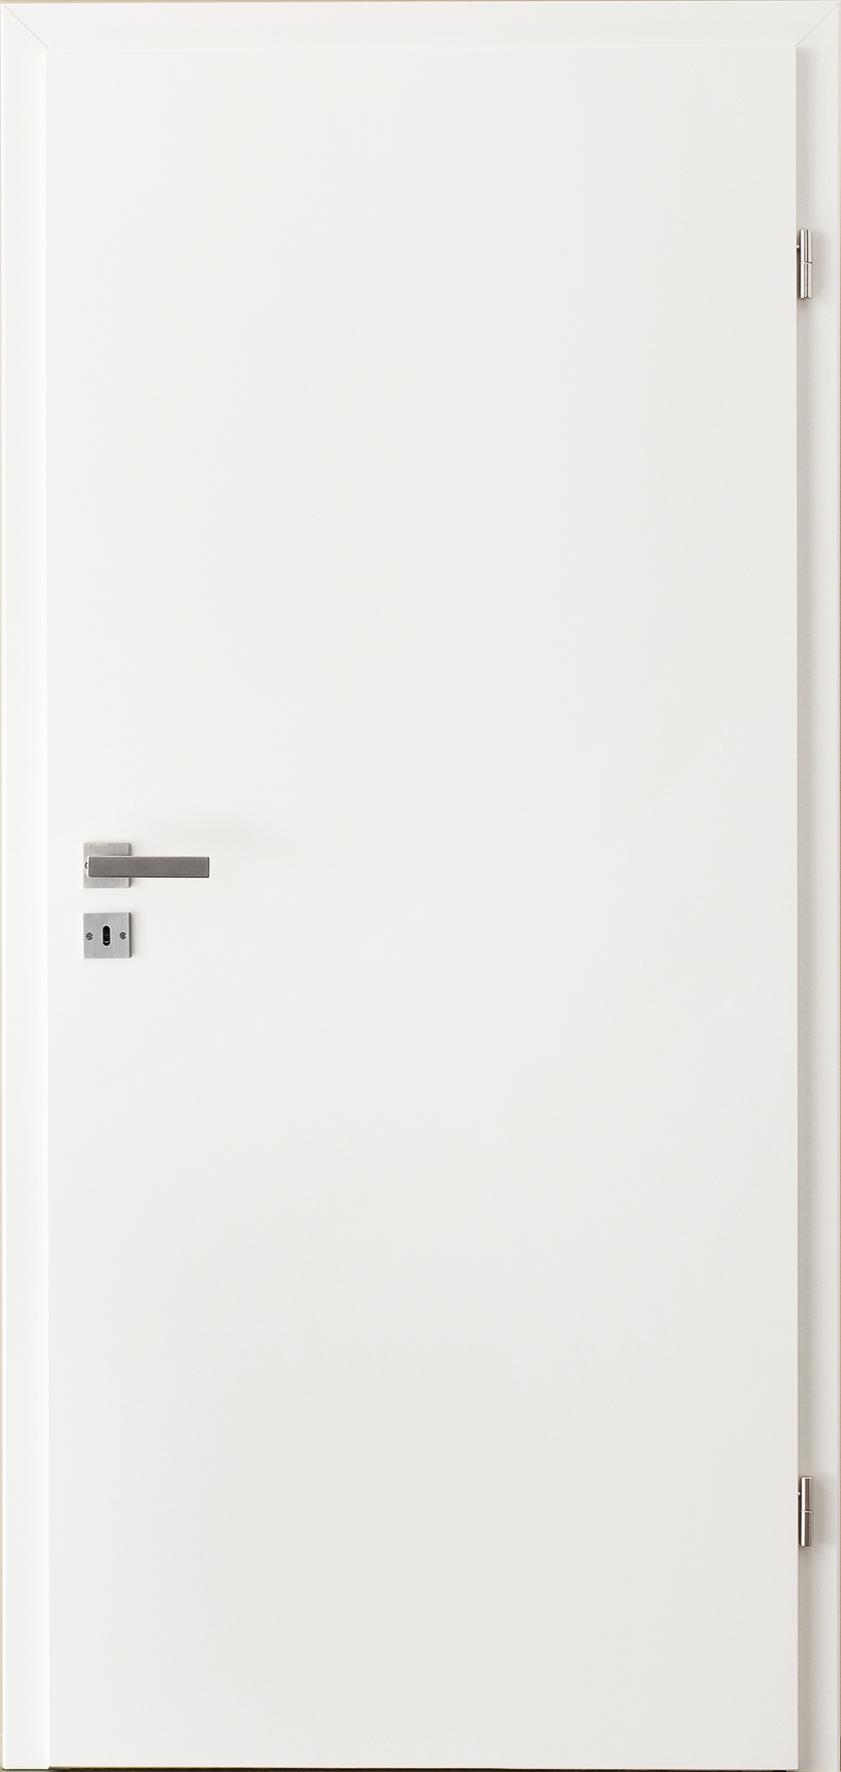 Komplett Neu Zeitlose Decora Uni-Weiß Innentüren von Herholz | herholz.de SW76